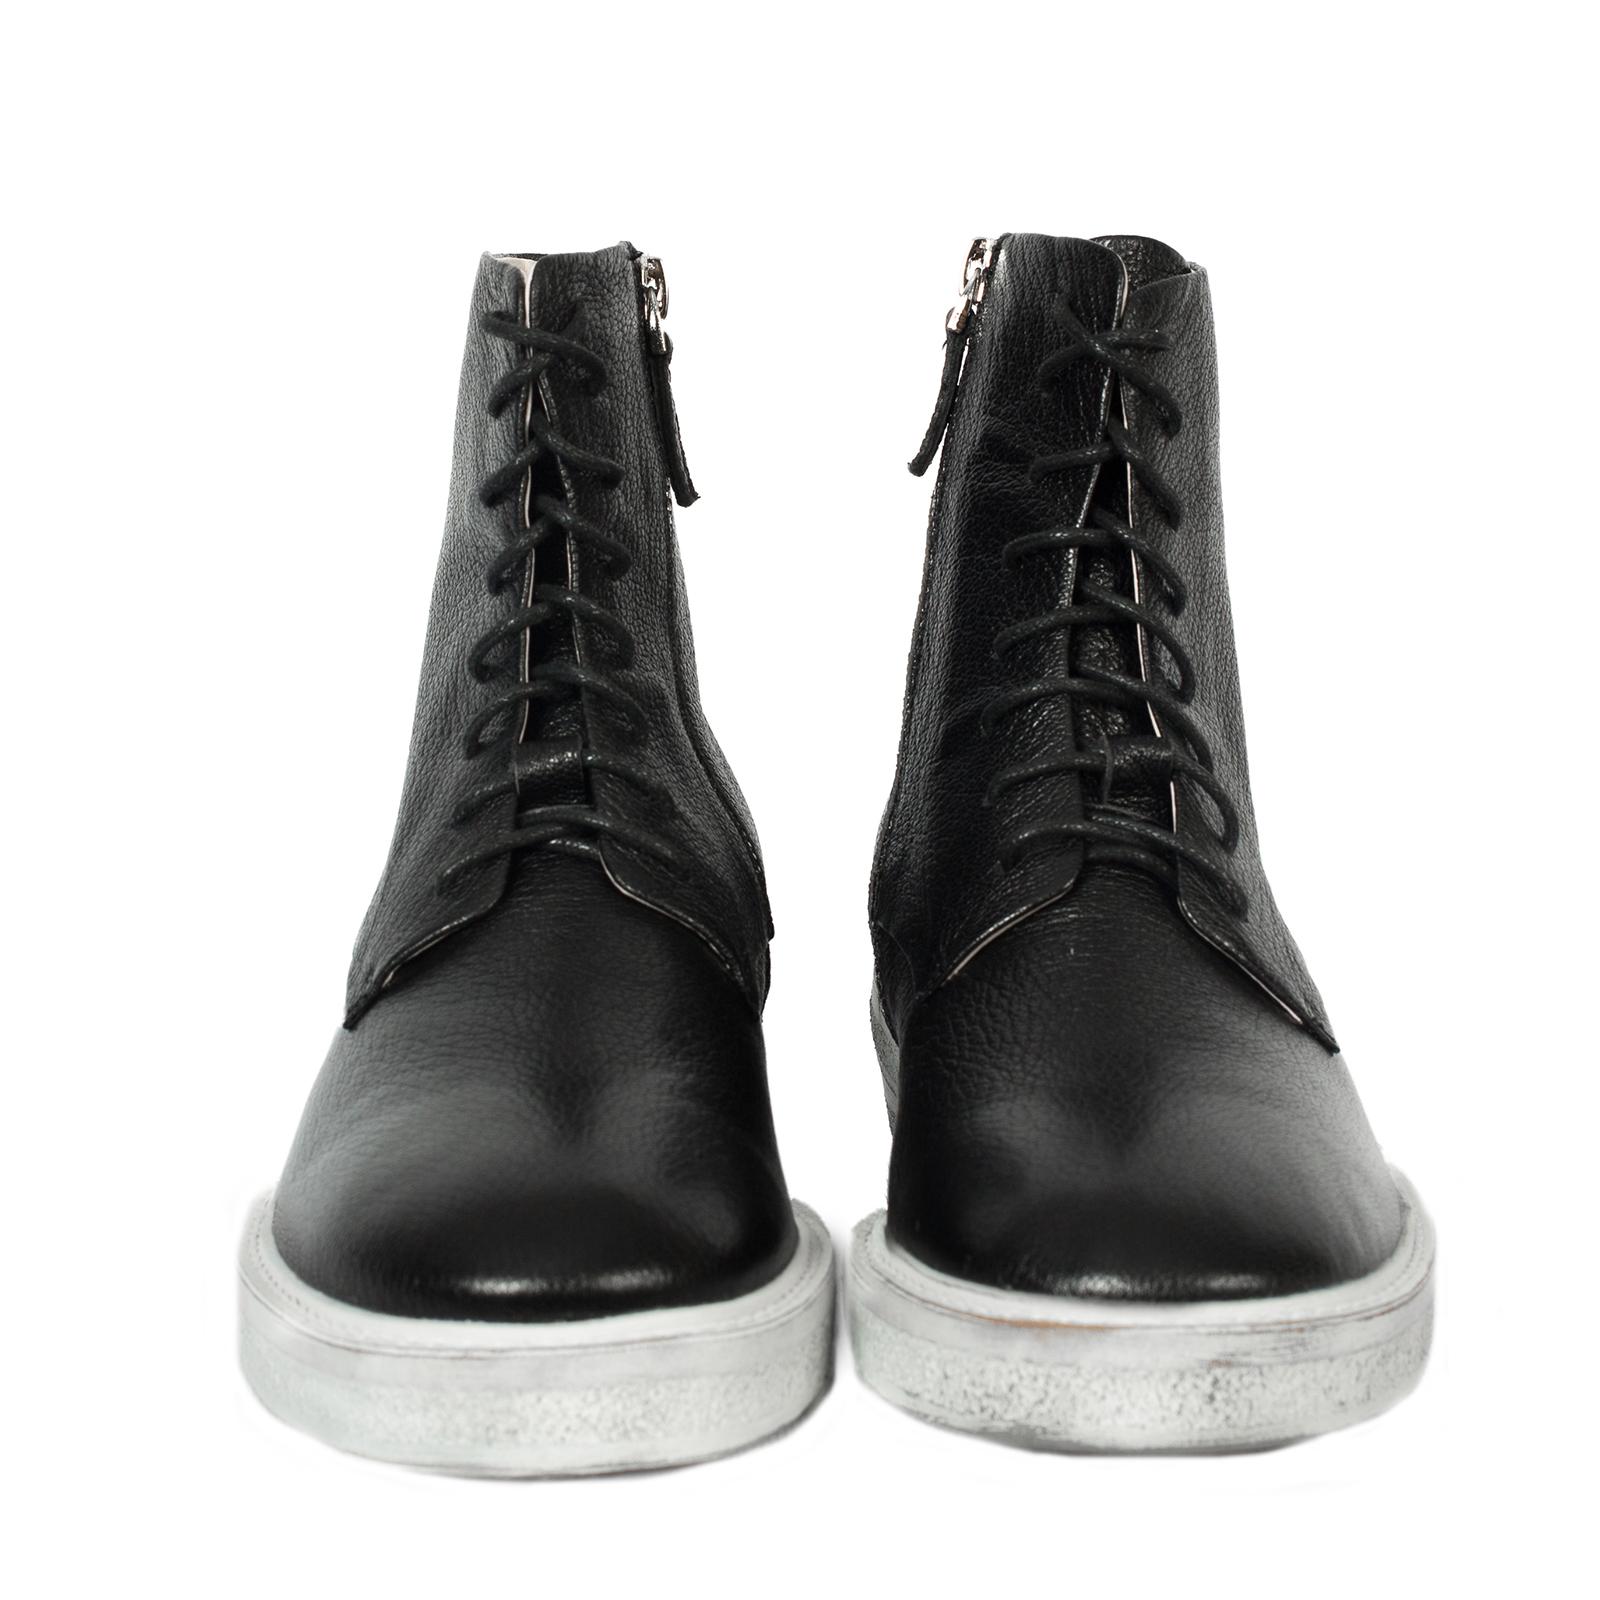 Ботинки, Ballerina, PARIS (черный)